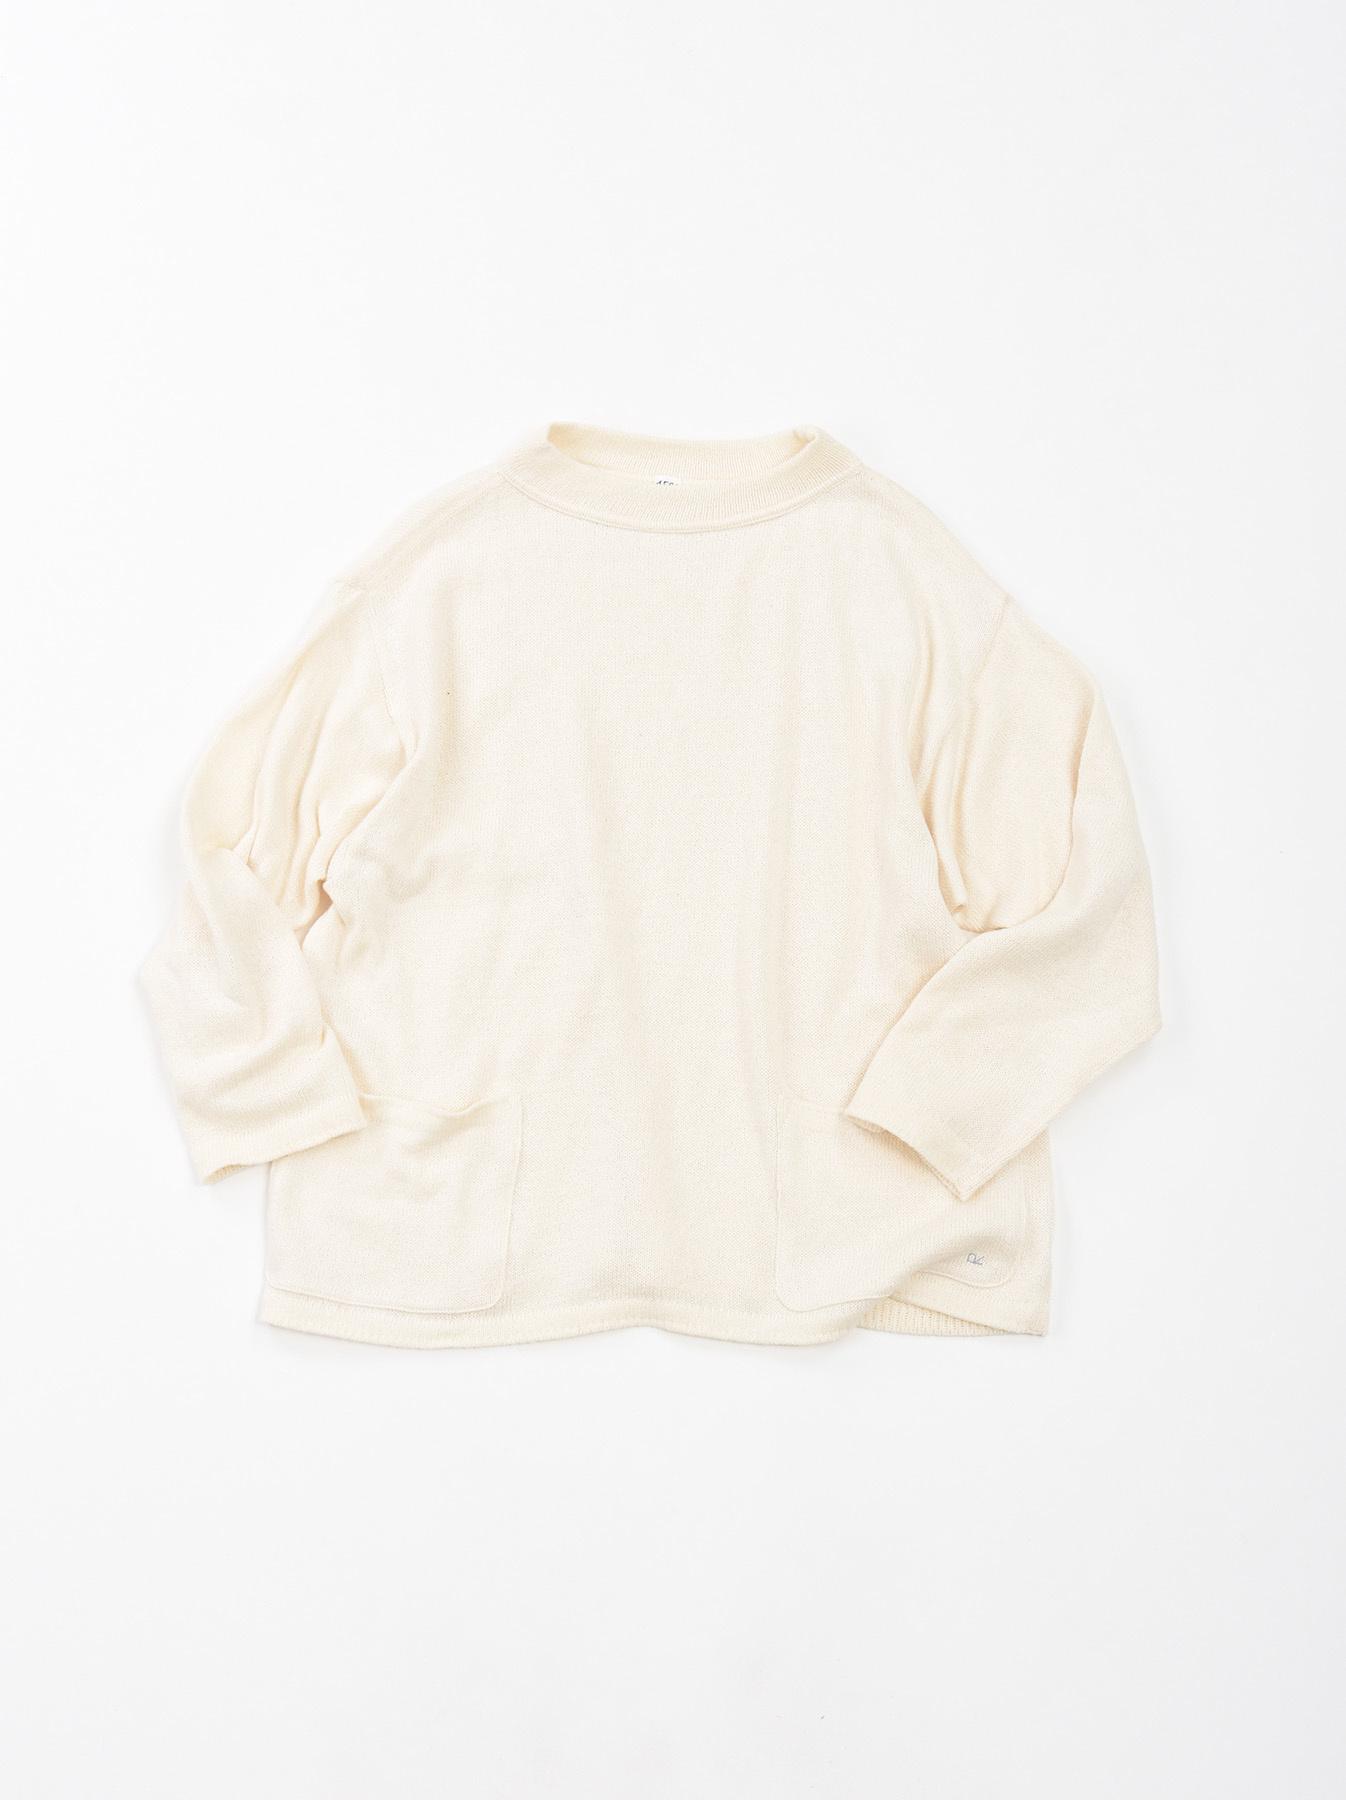 Zimbabwe Cotton Knit-sew 908 Uma Sweater-1